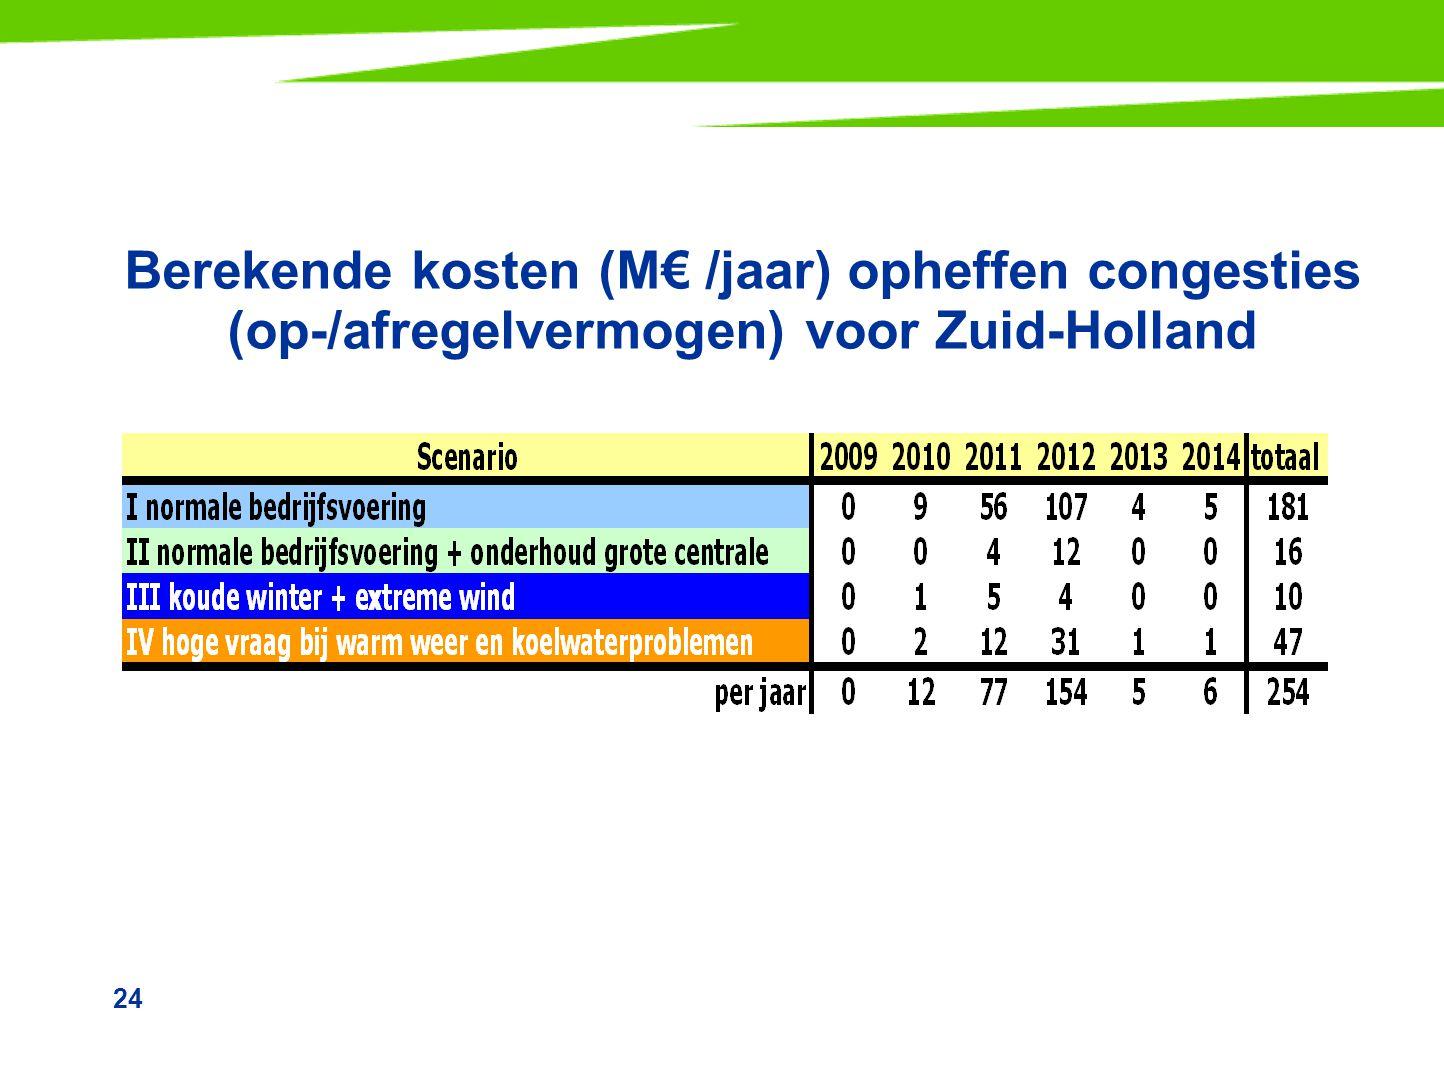 Berekende kosten (M€ /jaar) opheffen congesties (op-/afregelvermogen) voor Zuid-Holland